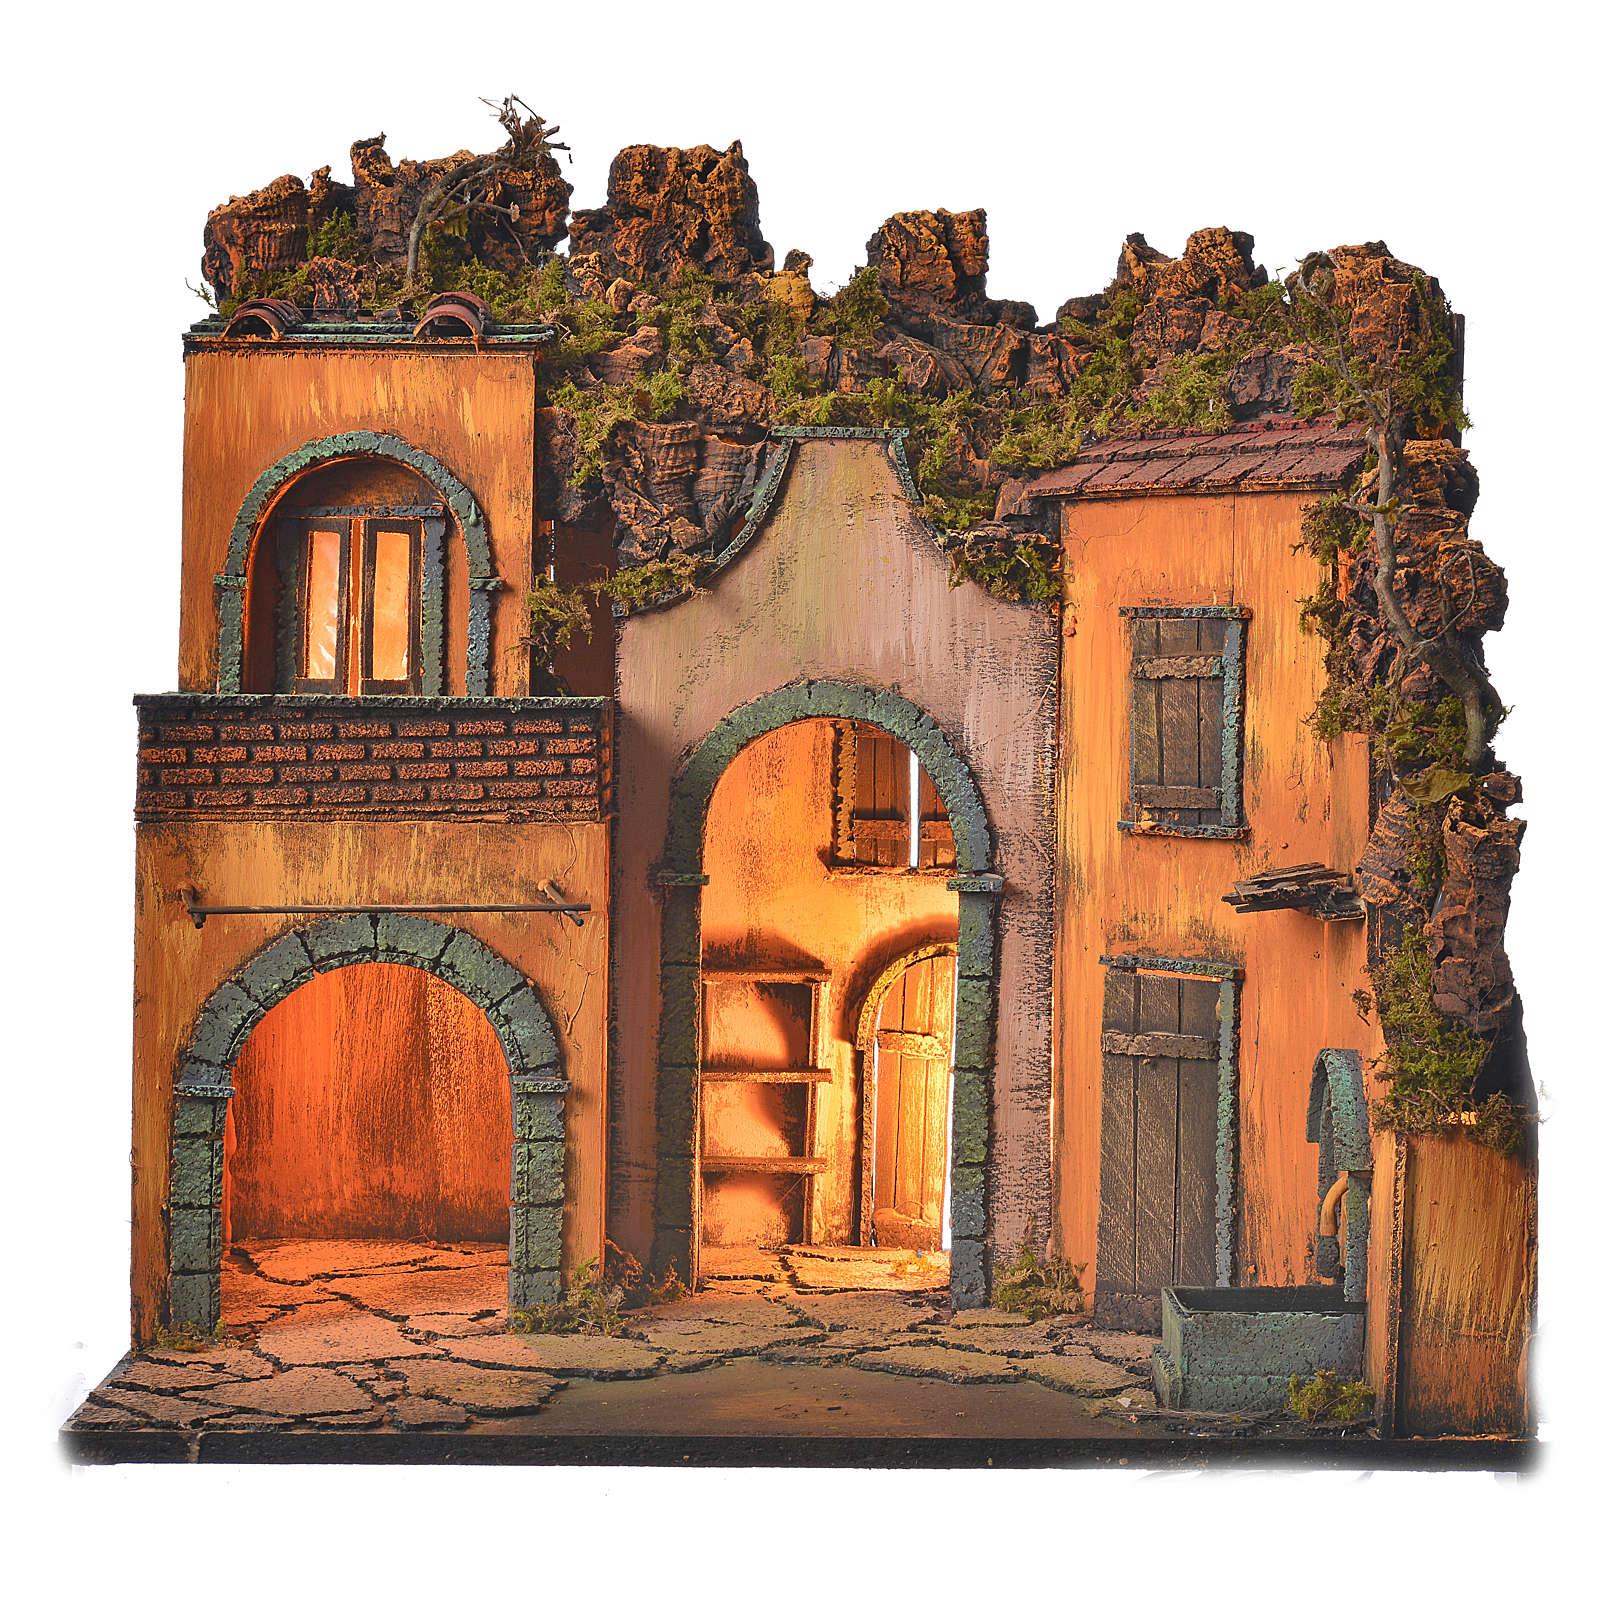 Escenografía Belén Napolitano estilo 700 con arco 4